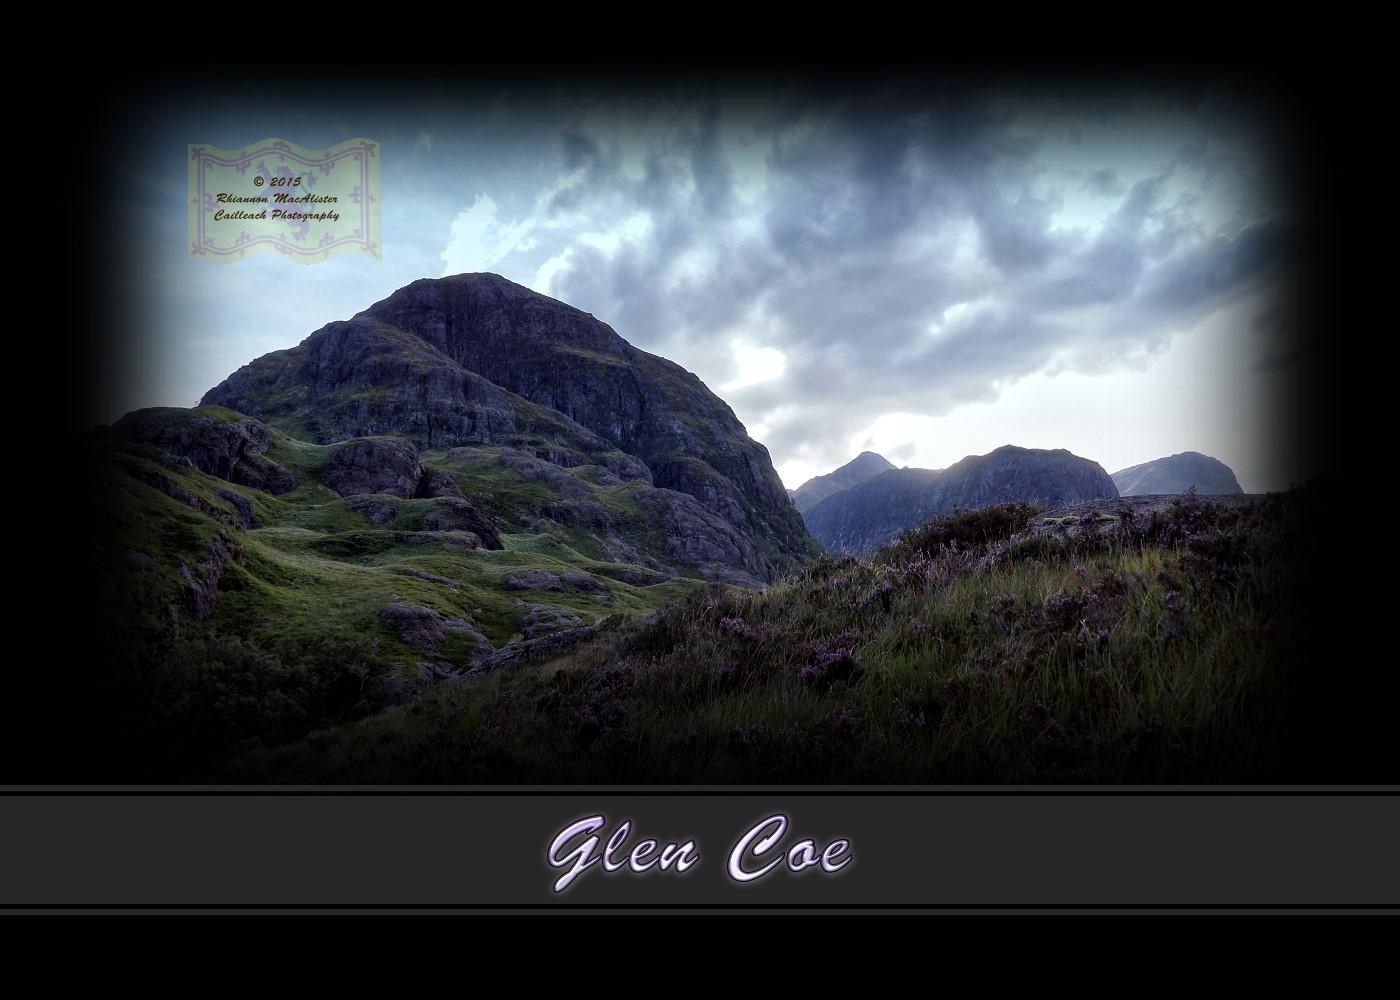 Glen Coe 1